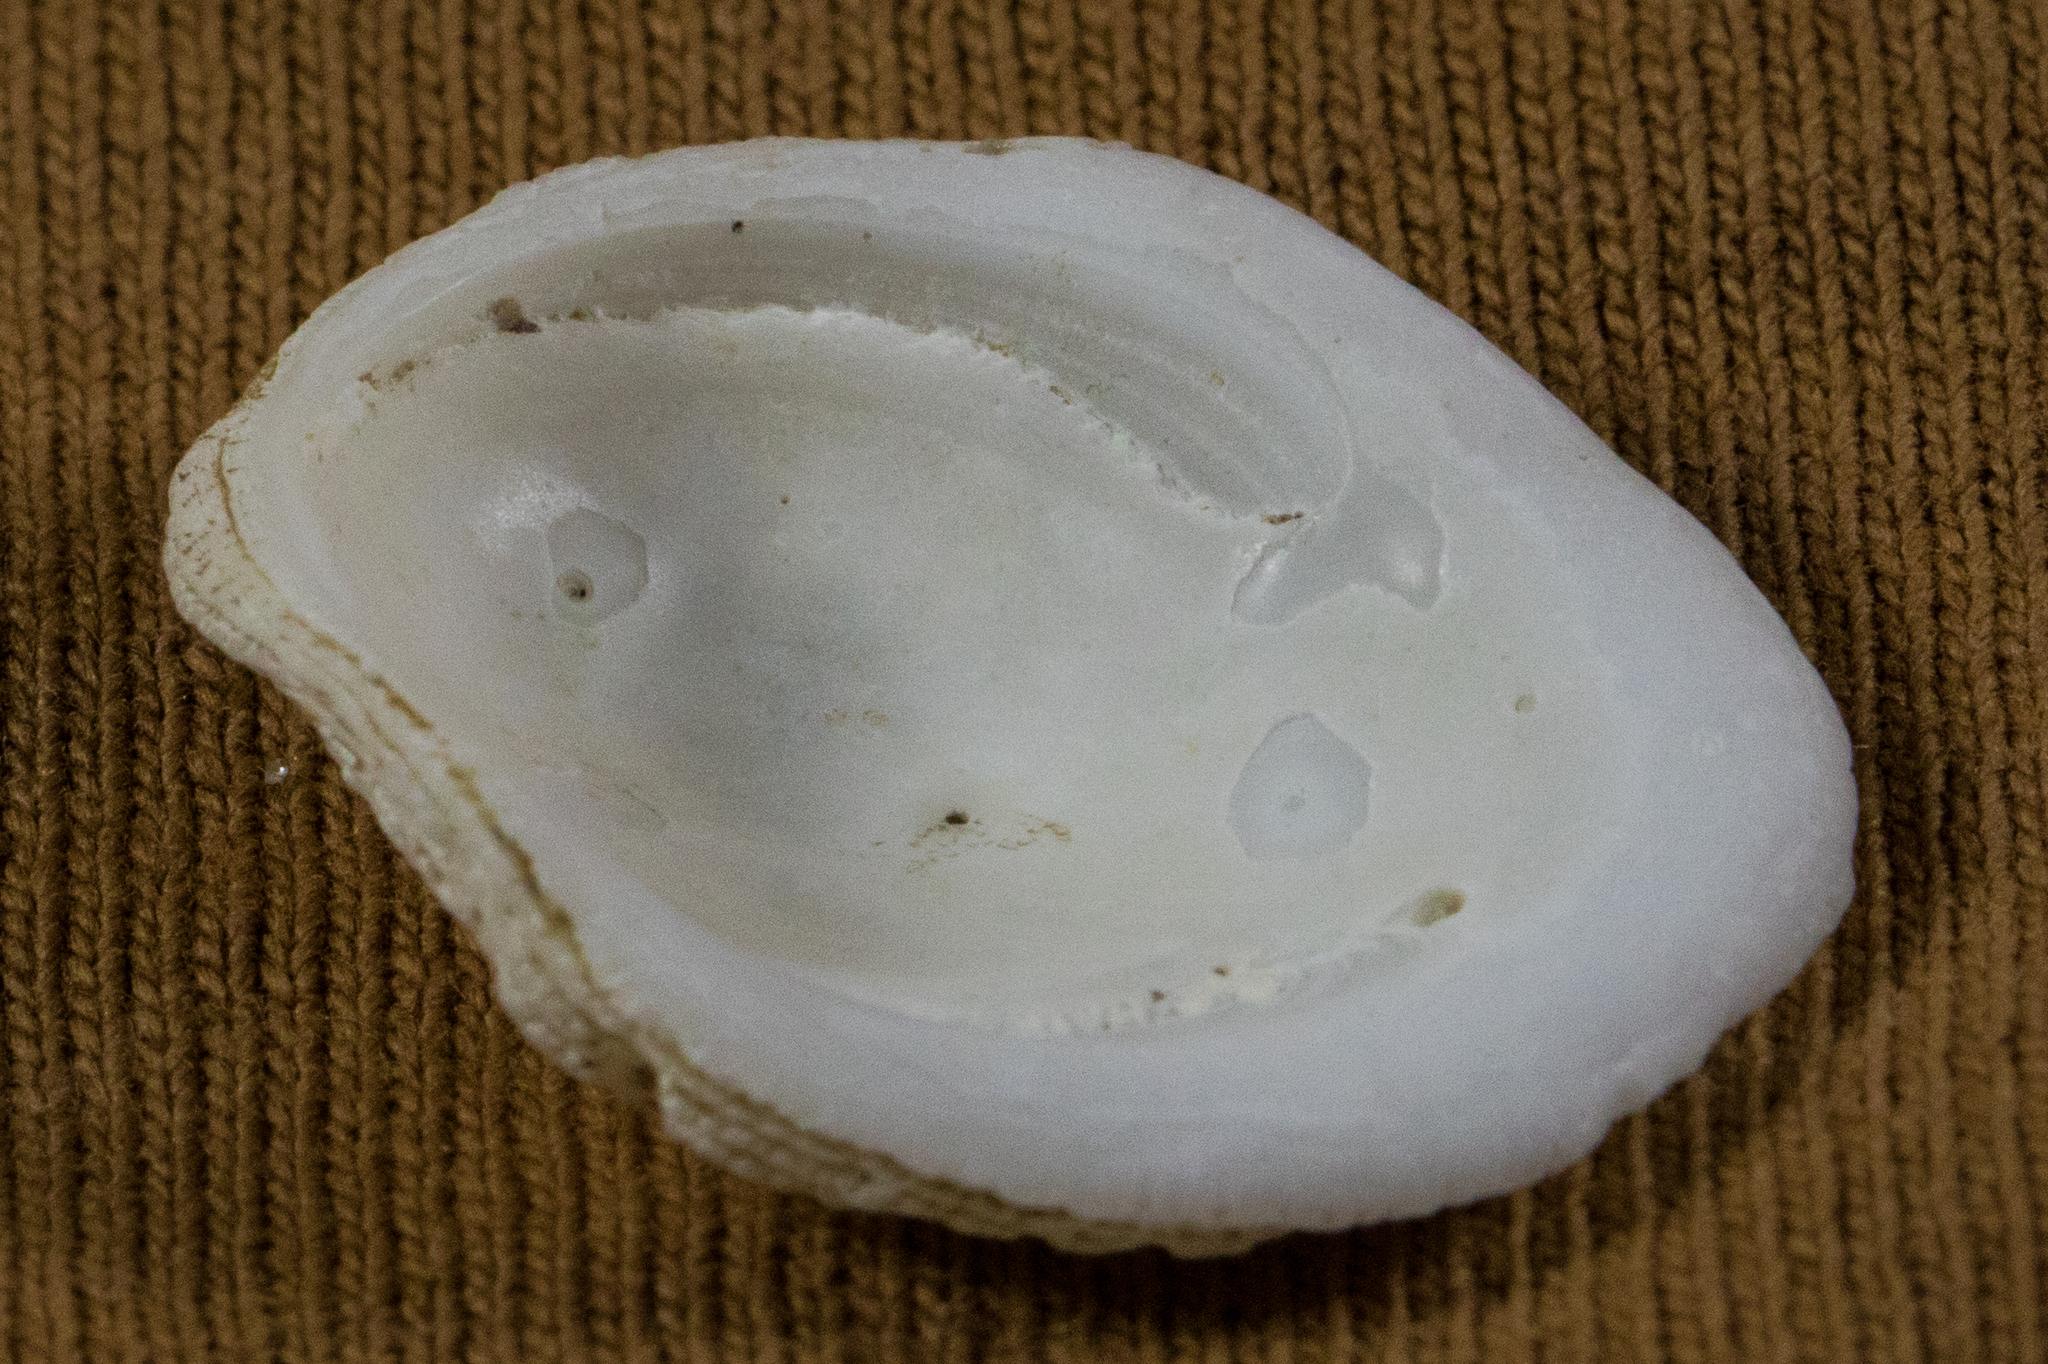 Image of white hoofsnail